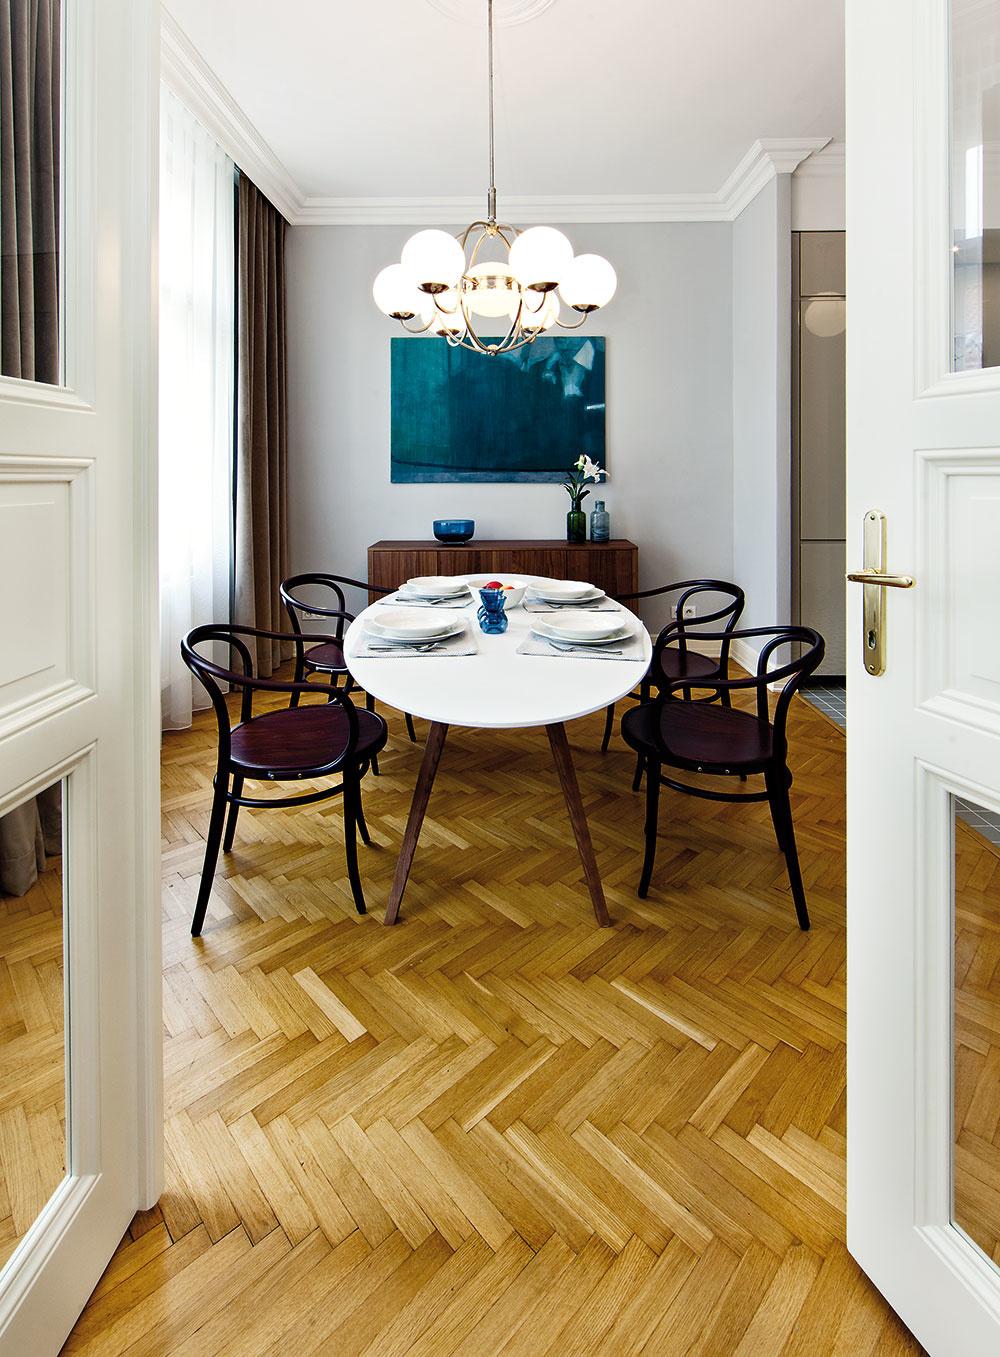 """Jedálenský stôl je doplnený novými stoličkami od českej značky TON. Zvlášť pyšná je architektka na starožitnú lampu nad ním. """"Po úmornom niekoľkomesačnom chodení po starožitnostiach sme konečne zohnali krásnu lampu za rozumnú sumu,"""" hovorí. """"Bol to prvý úlovok do tohto bytu aveľmi som sa zneho tešila. Neskôr sa nám podarilo doladiť knej podobné svietidlá aj vchodbe avkuchyni."""""""